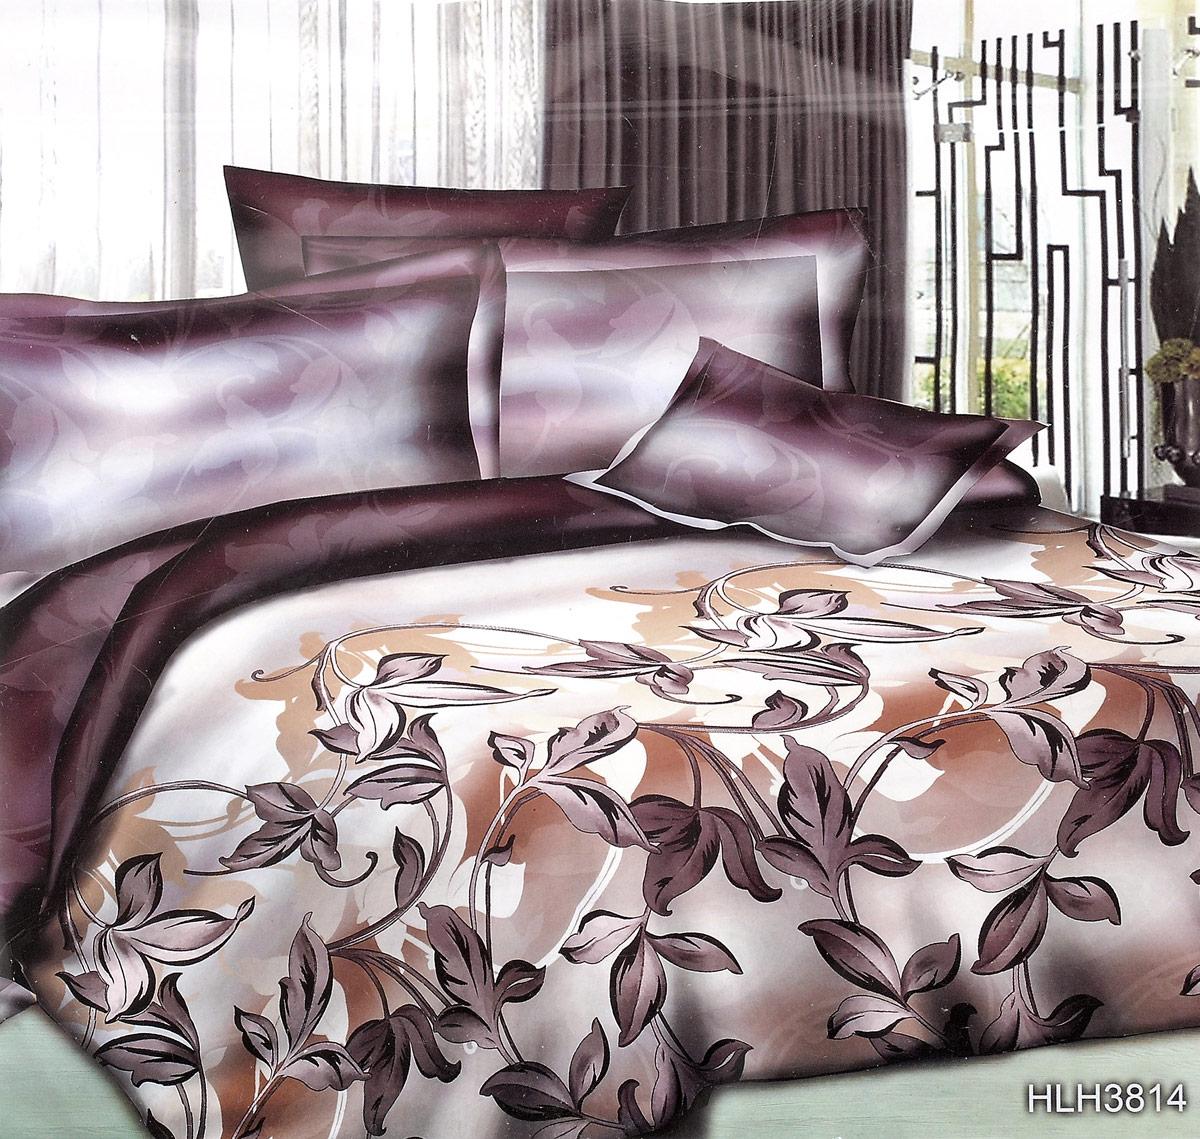 Комплект белья ЭГО Шанталь, 1,5-спальный, наволочки 70x70FA-5125 WhiteКомплект белья ЭГО Шанталь выполнен из полисатина (50% хлопка, 50% полиэстера). Комплект состоит из пододеяльника, простыни и двух наволочек. Постельное белье имеет изысканный внешний вид и яркую цветовую гамму. Гладкая структура делает ткань приятной на ощупь, мягкой и нежной, при этом она прочная и хорошо сохраняет форму. Ткань легко гладится, не линяет и не садится. Приобретая комплект постельного белья ЭГО Шанталь, вы можете быть уверенны в том, что покупка доставит вам и вашим близким удовольствие и подарит максимальный комфорт.